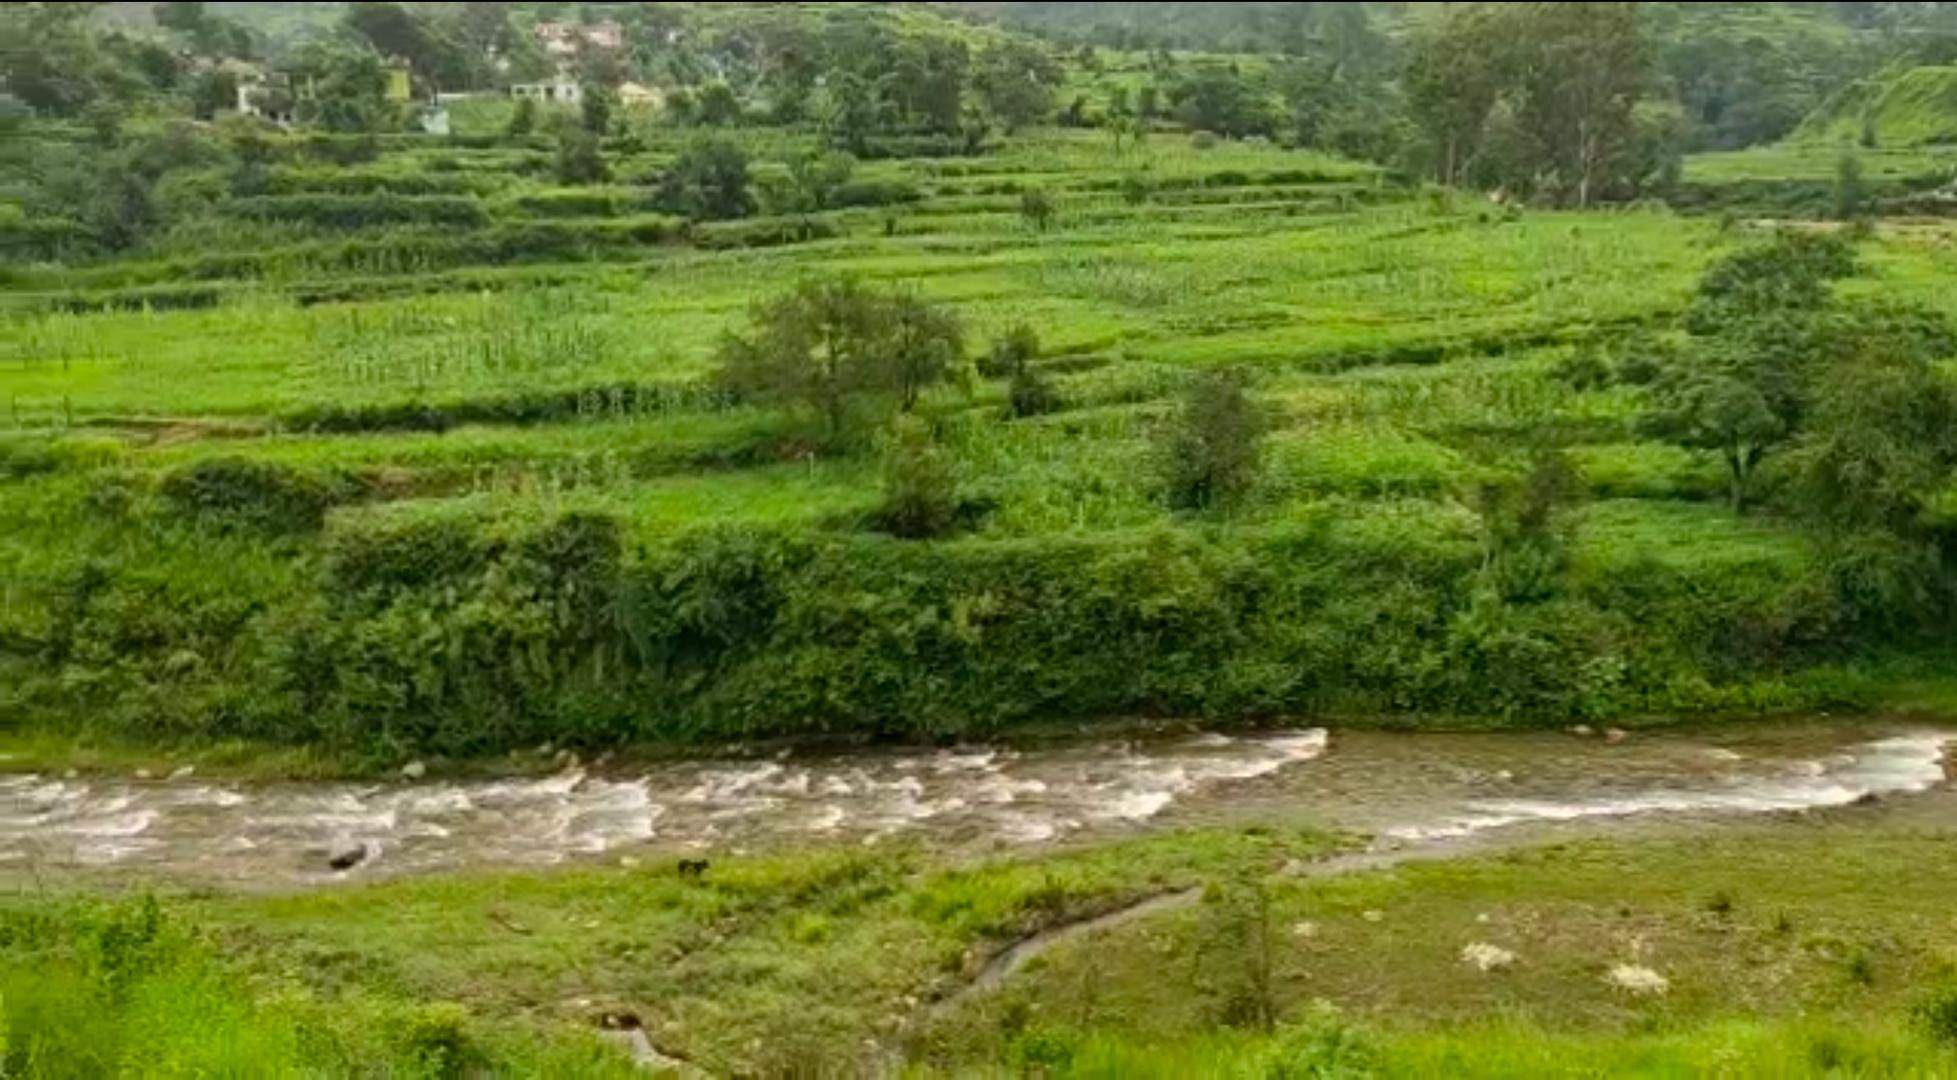 River along the farms